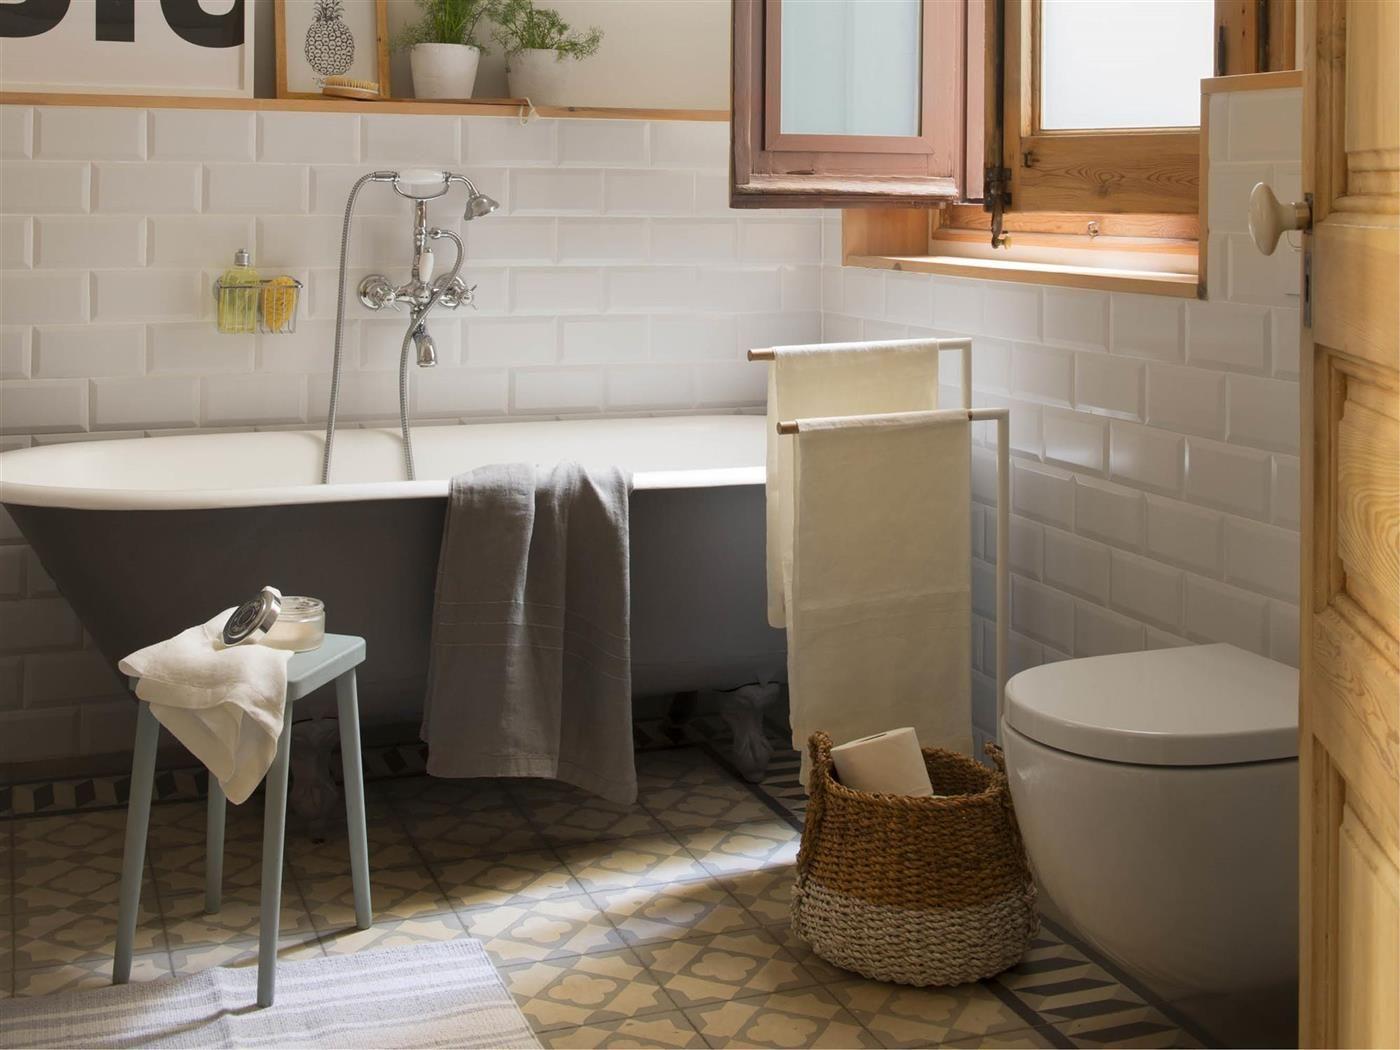 Cómo limpiar el baño a fondo en 20 minutos | Limpiar baños ...